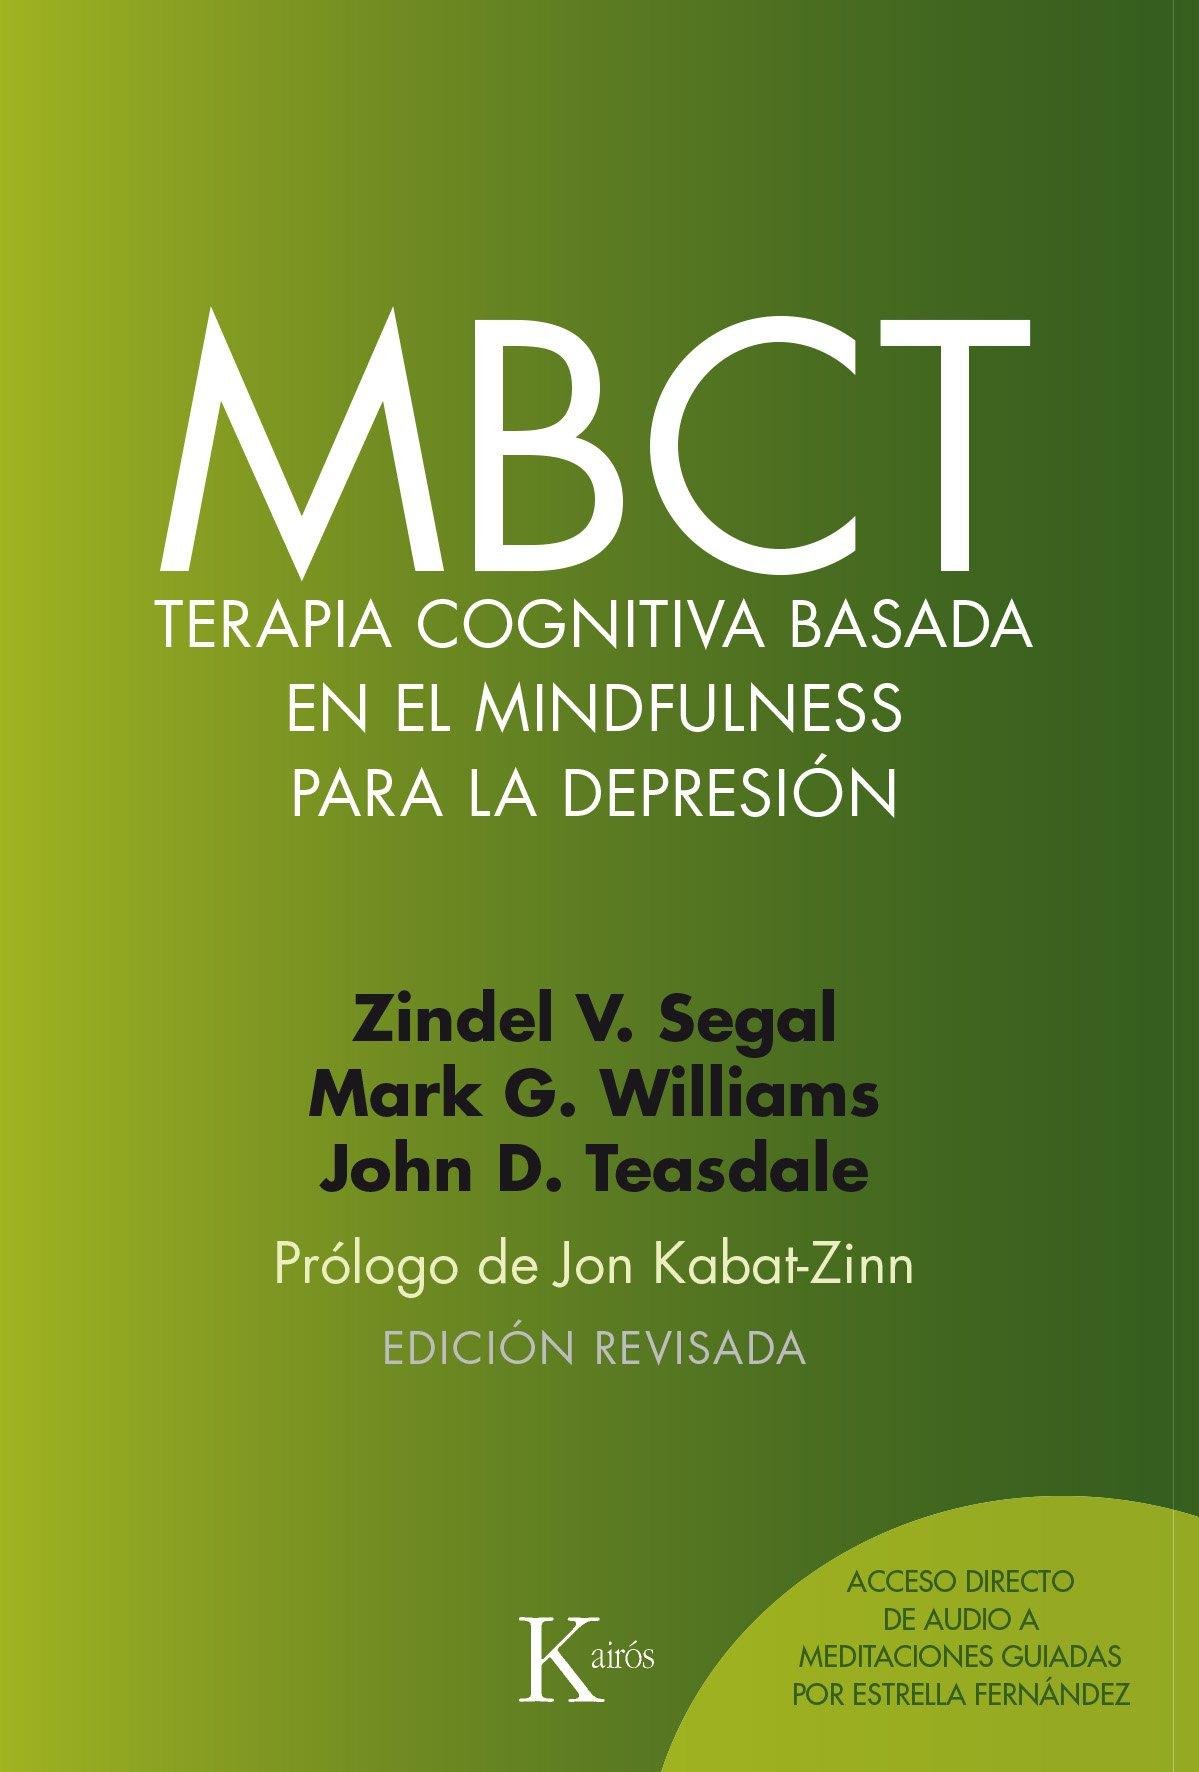 MBCT de Zindel Segal, Mark Williams y John Teasdale